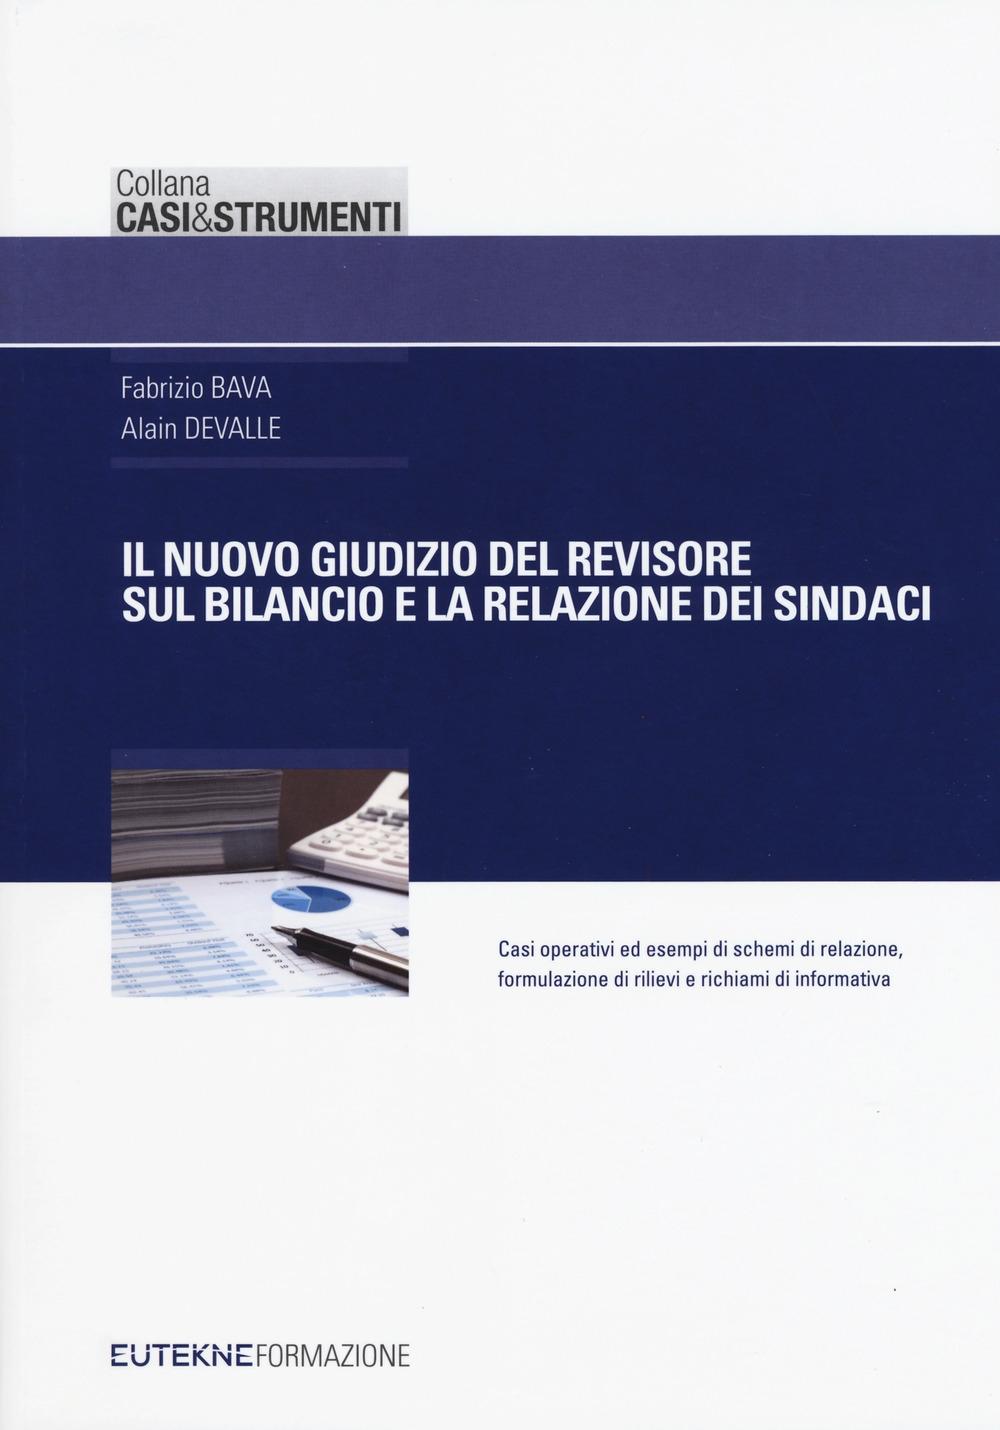 Il nuovo giudizio del revisore sul bilancio e la relazione dei sindaci